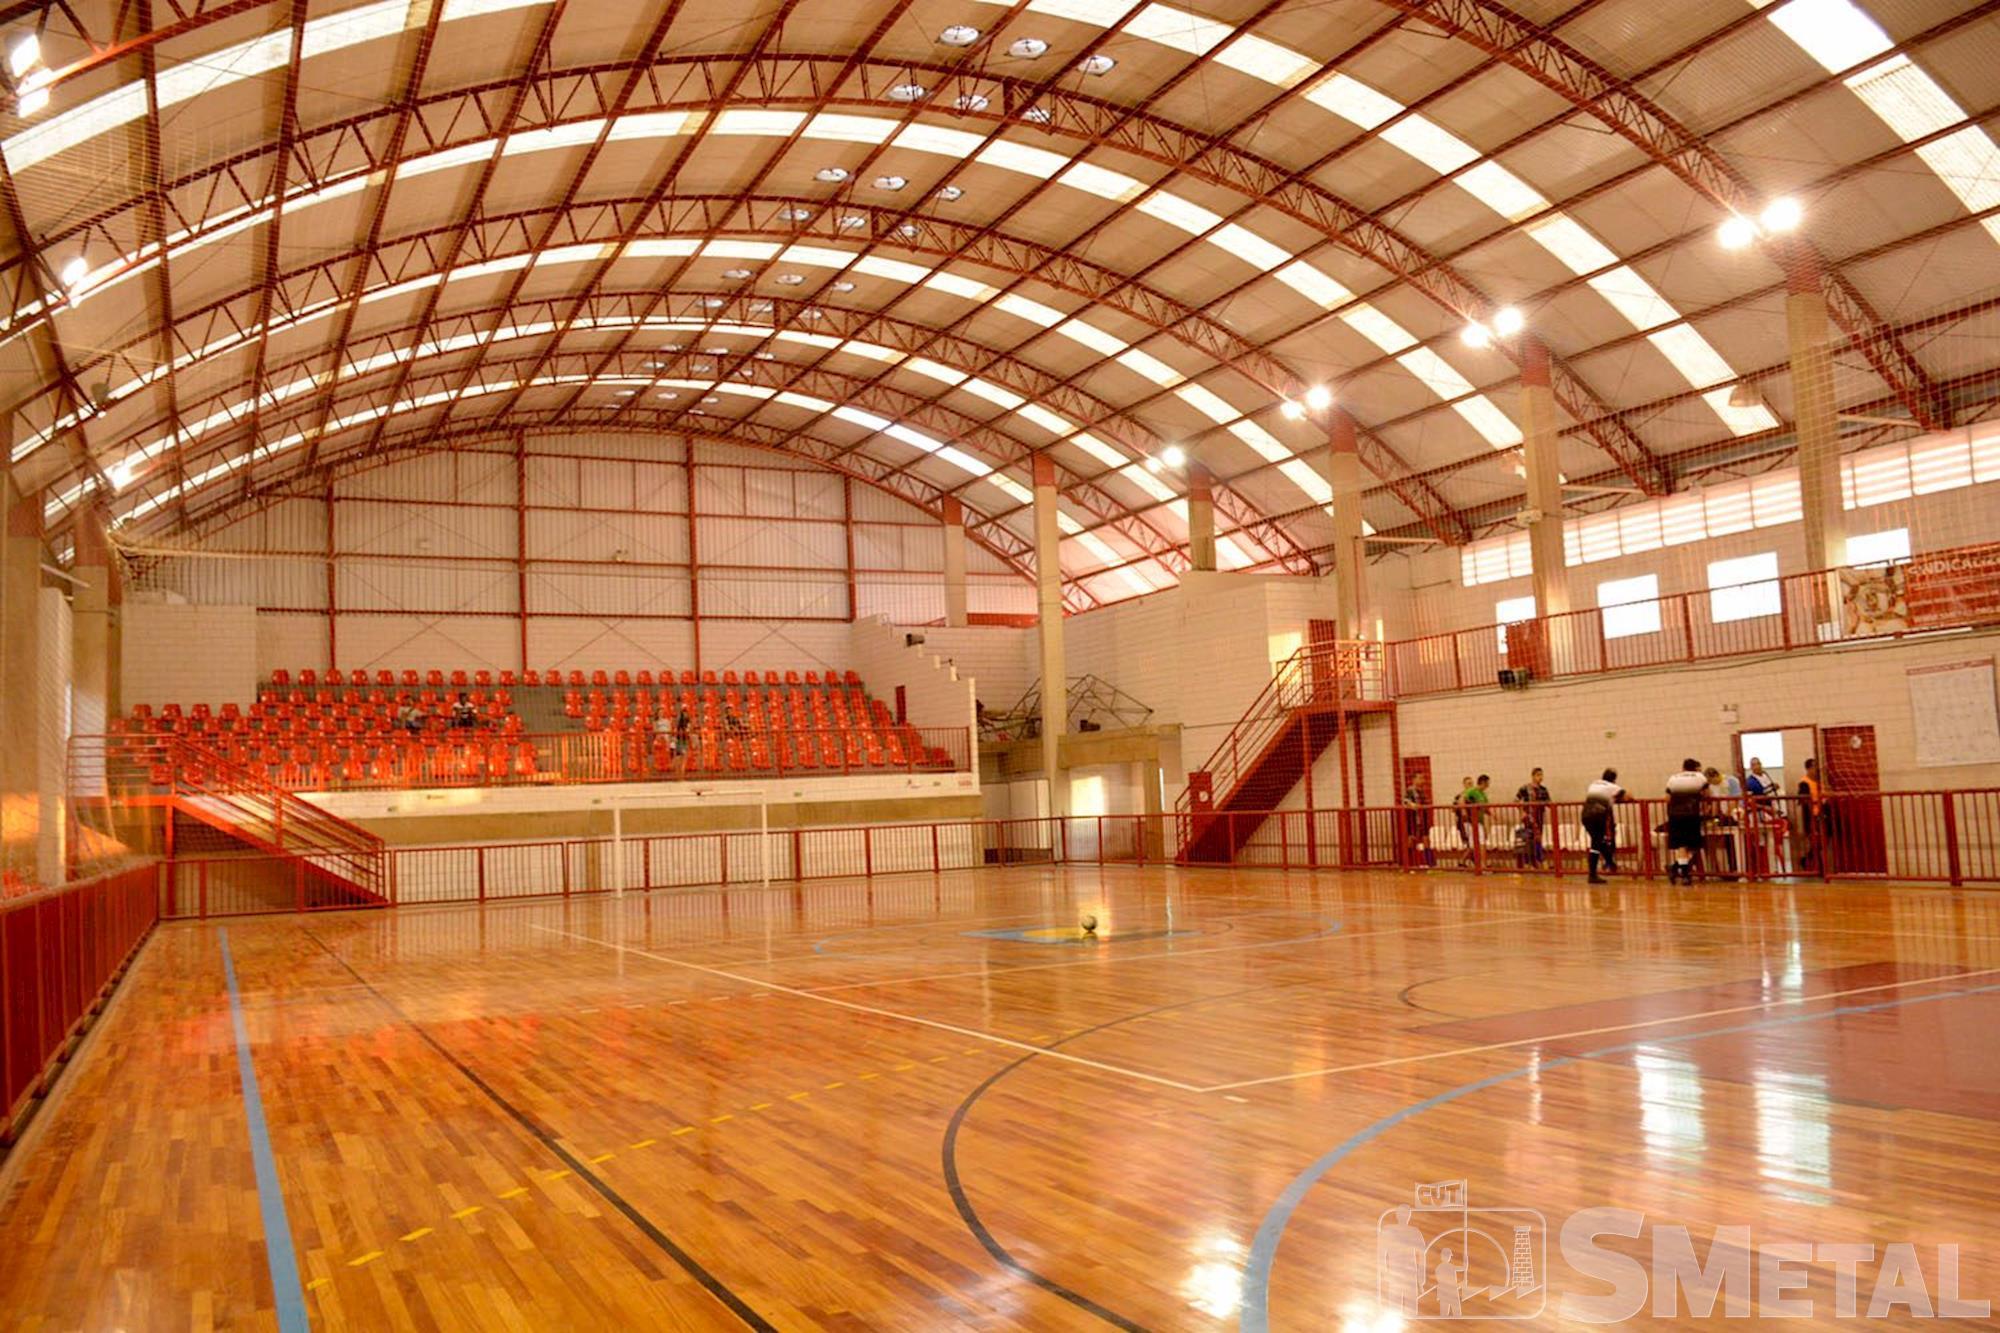 Ginásio poliesportivo, clube,  campo,  smetal, Foguinho/Imprensa SMetal